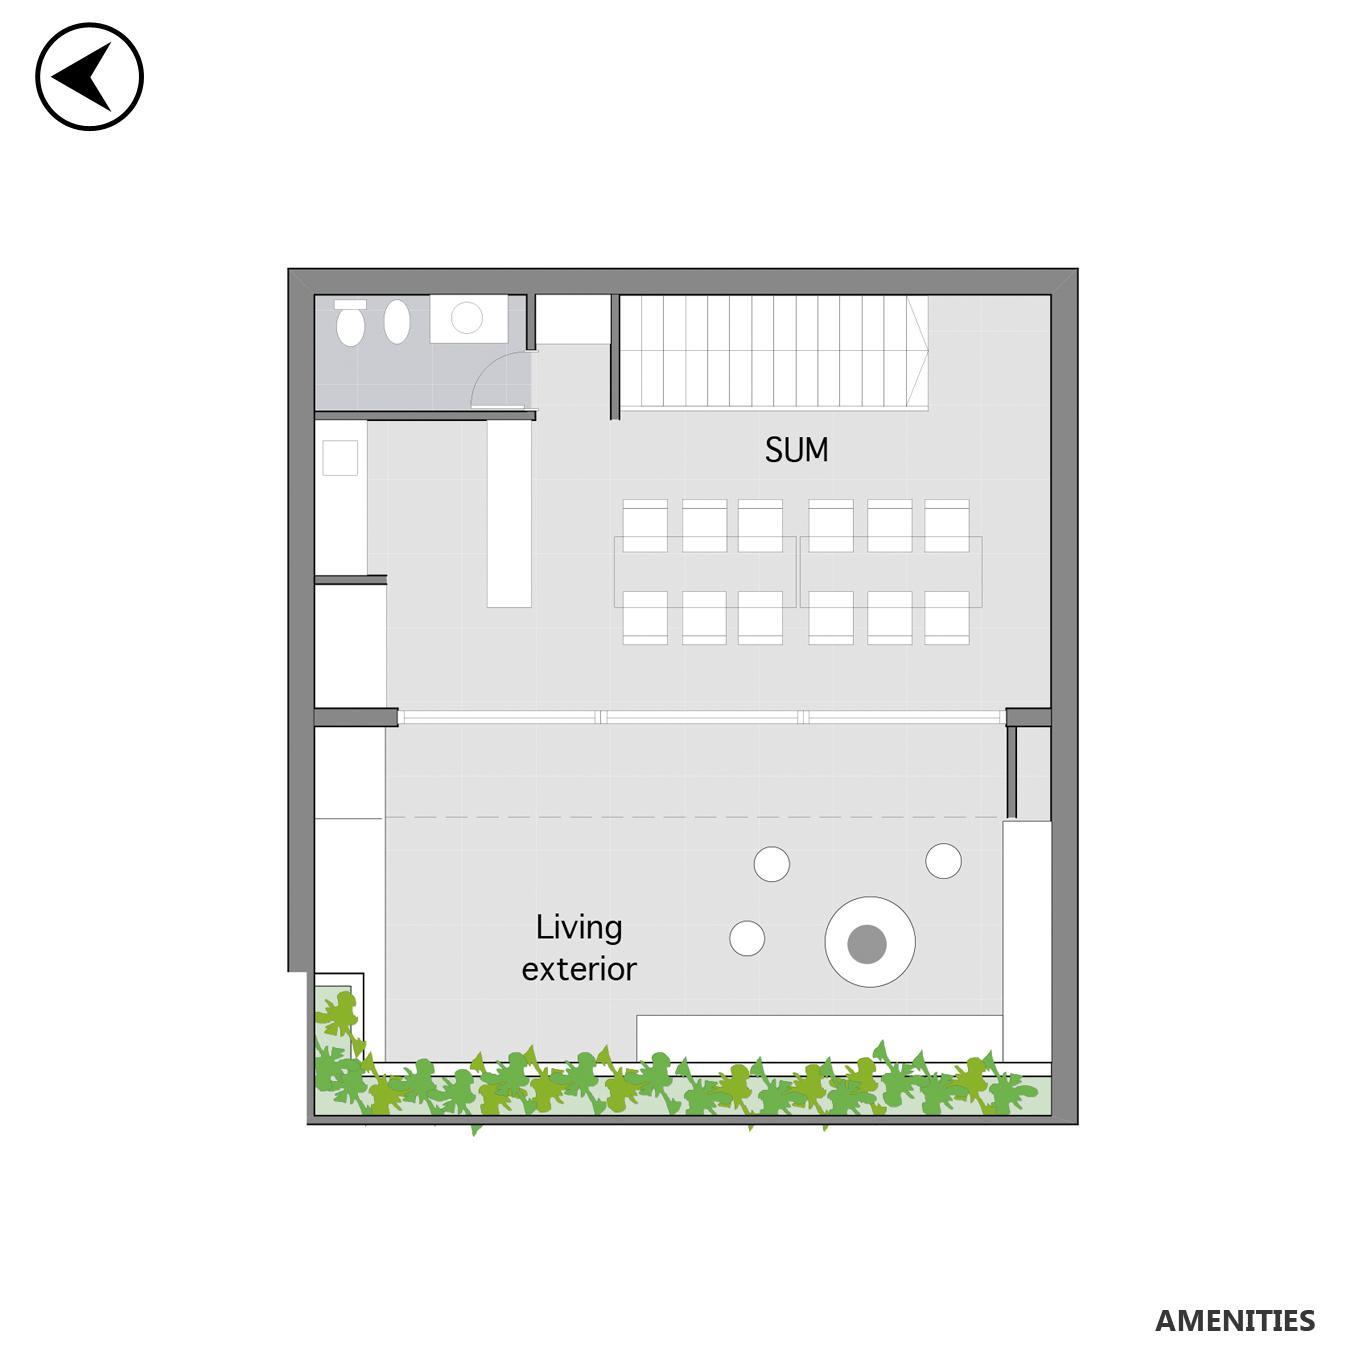 Venta departamento 1 dormitorio Rosario, Martin. Cod CBU24537 AP2285289. Crestale Propiedades